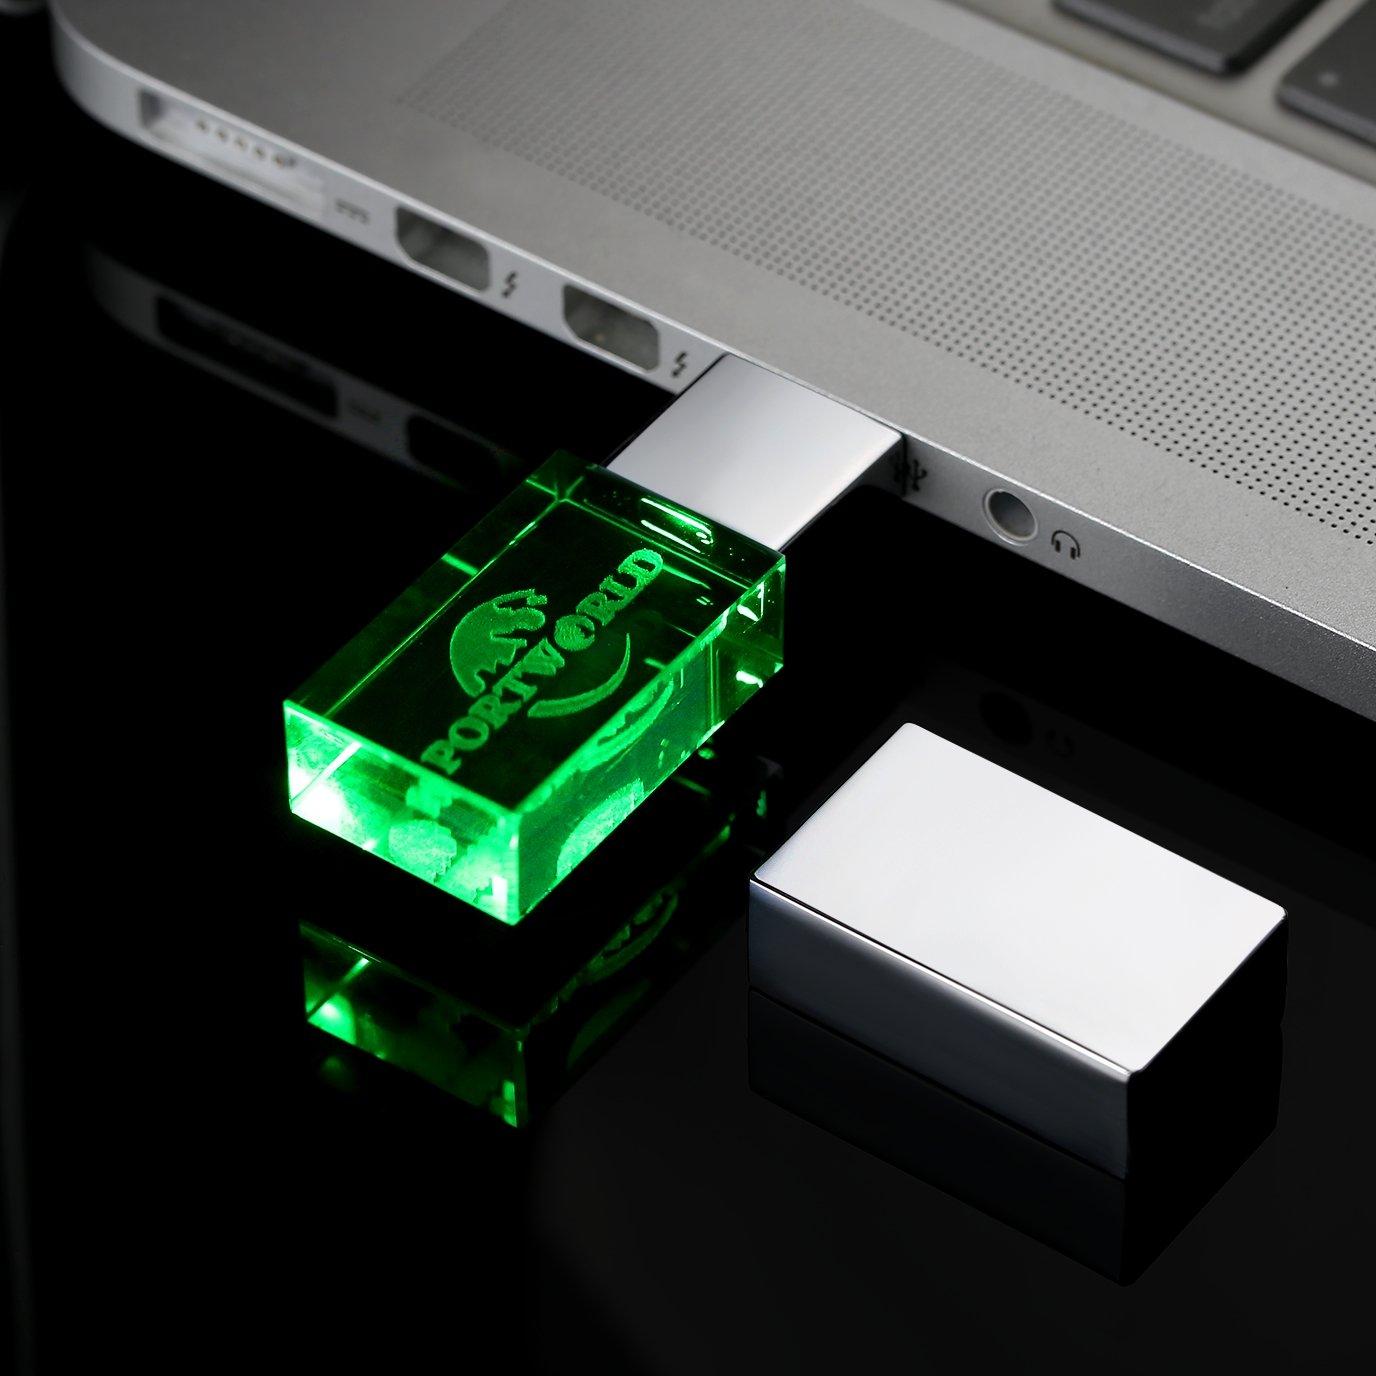 32GB USB Stick 2.0 Speicherstick USB-Flash-Laufwerk greller Antrieb mit LED-Beleuchtung, imprägniern Kristall Transparente USB-Sticks (Grün)